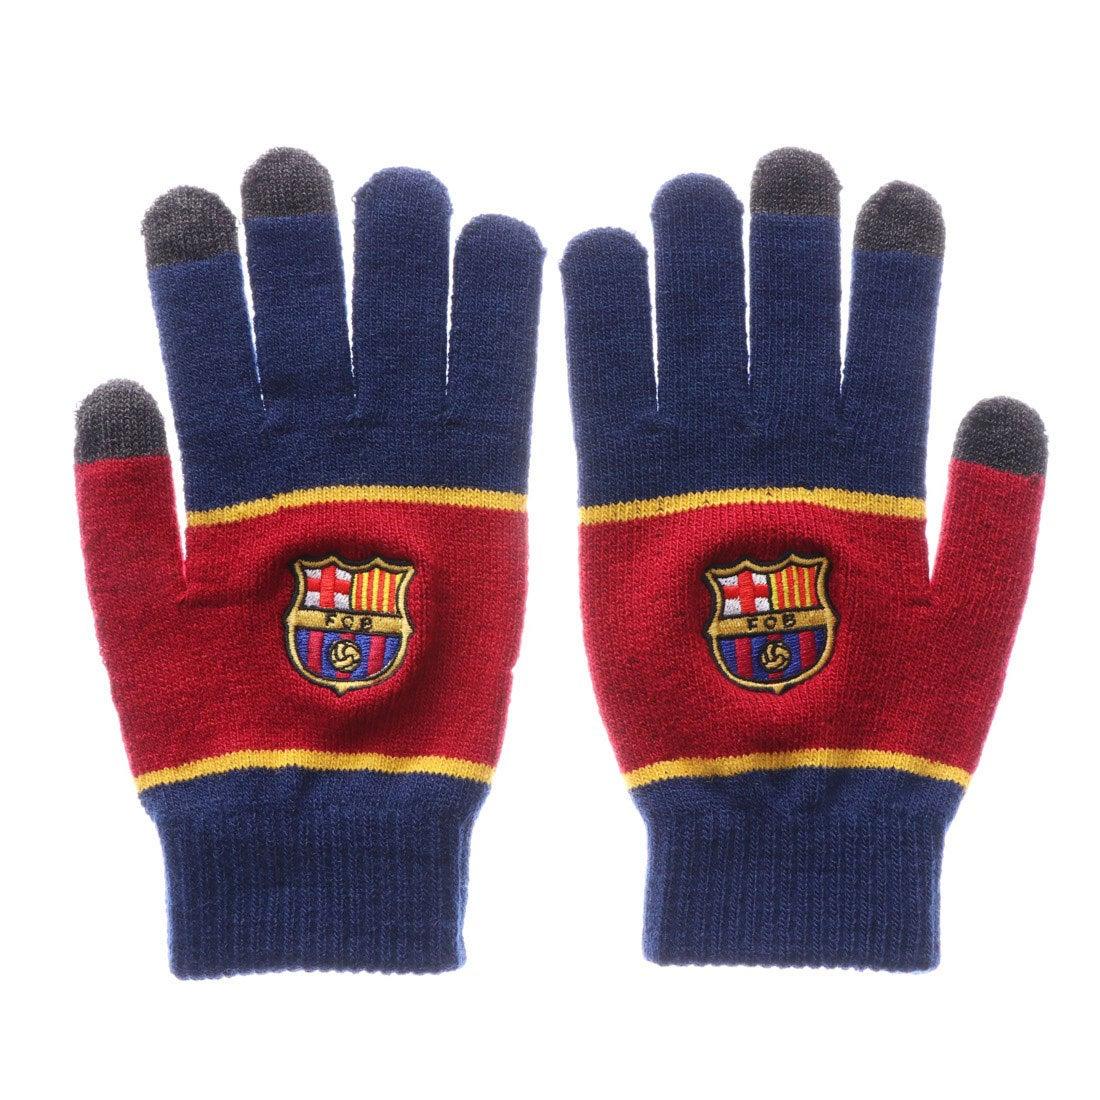 ロコンド 靴とファッションの通販サイトスポーツデポ SPORTS DEPO サッカー/フットサル ライセンスグッズ FCバルセロナ スマホ対応手袋 BCN30907